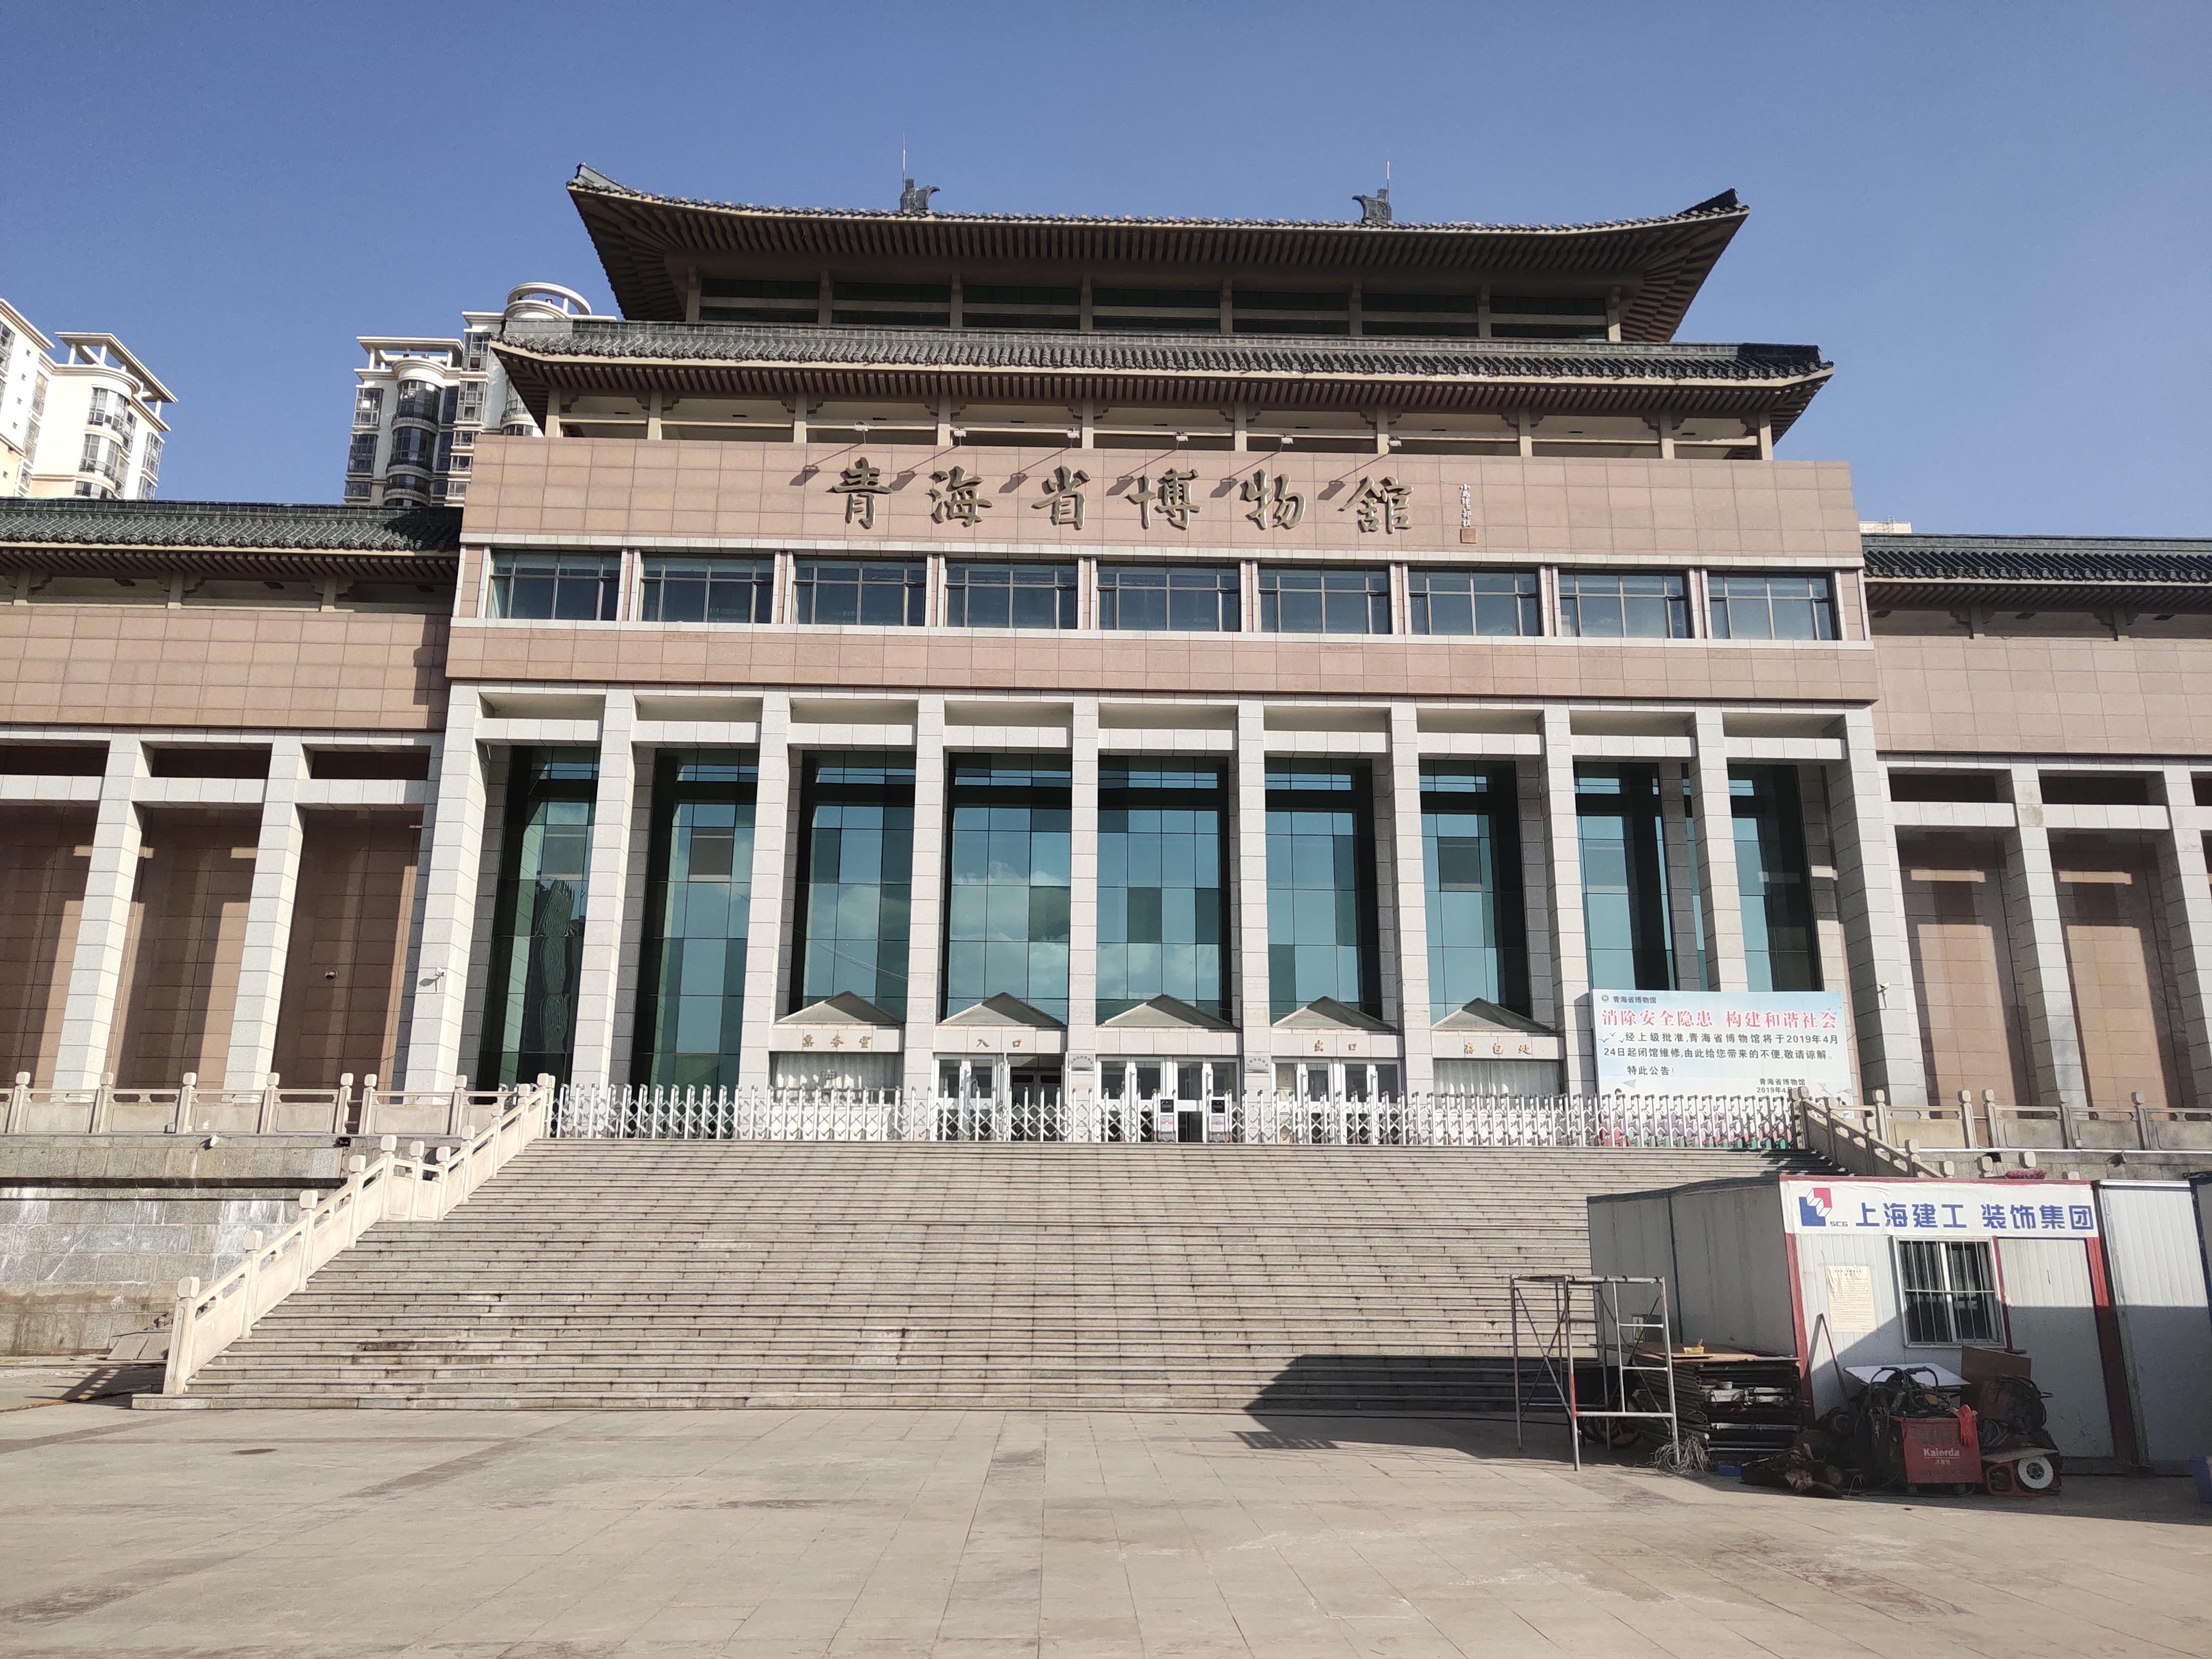 青海省博物館安消防及基礎設施改造提升改造加固工程.jpg